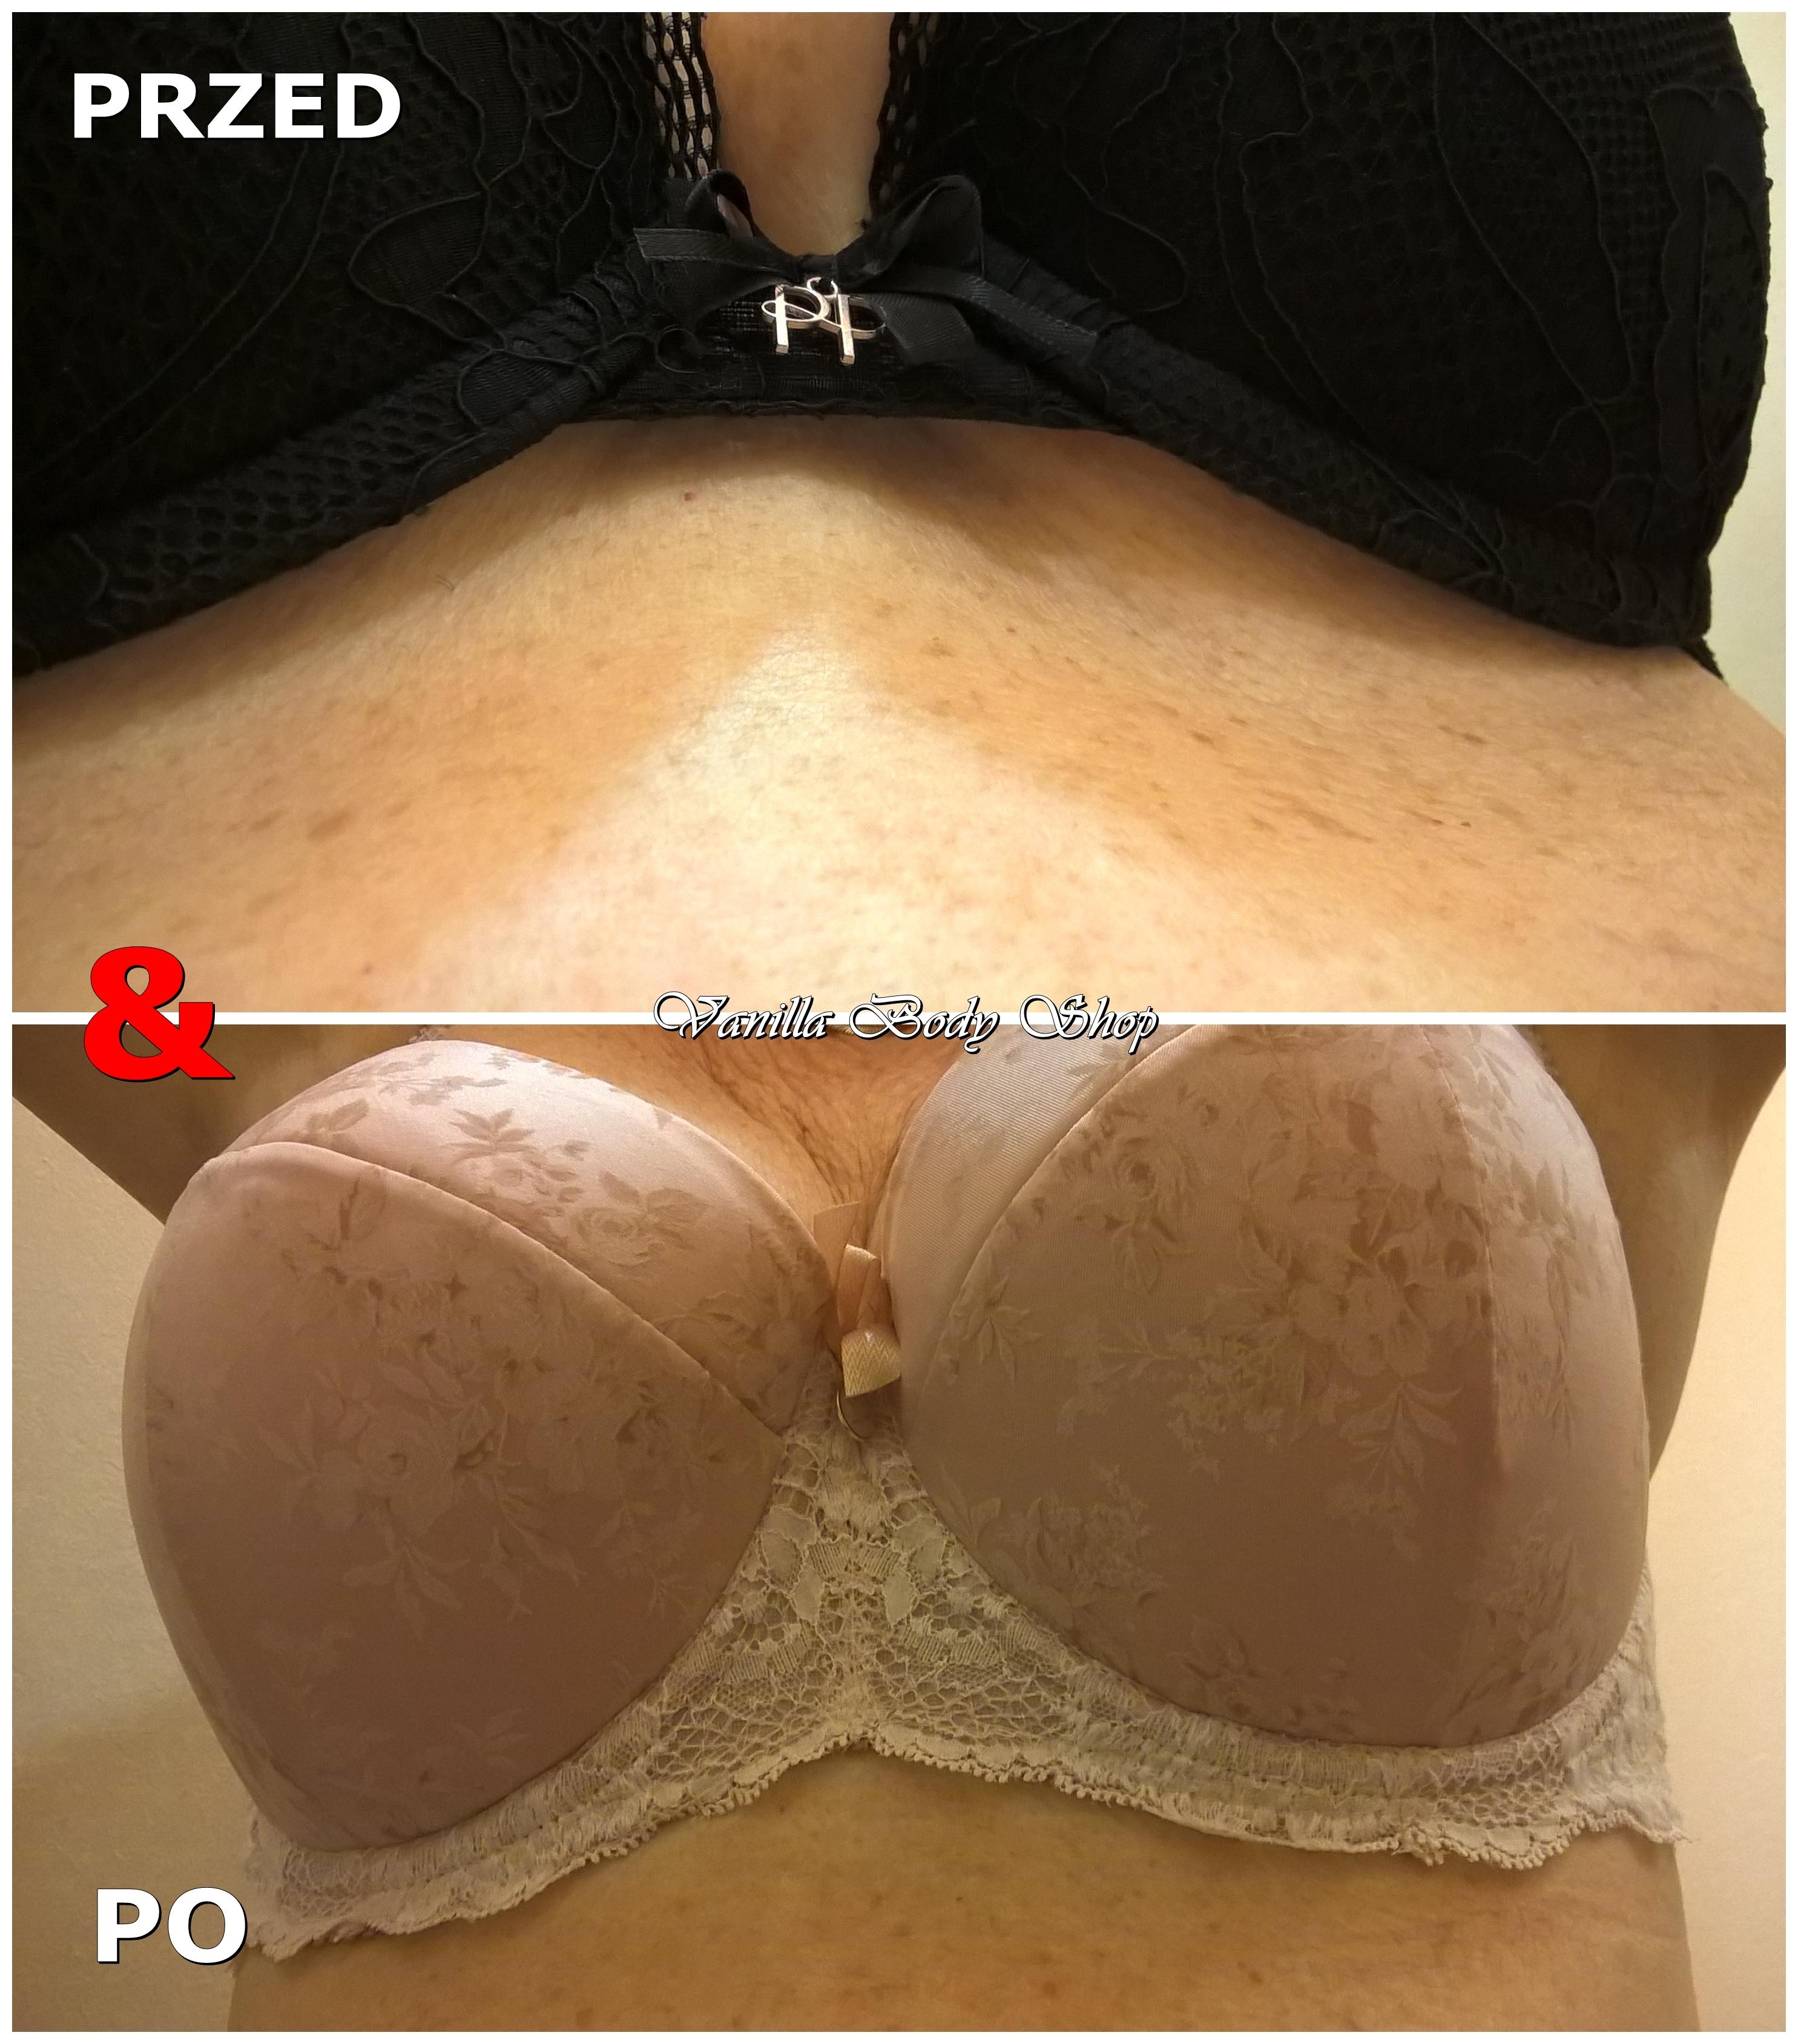 vanilla_body_shop_brafitting_bra-fitting_biustonosz_bielizna_brafitterki_stanikowa_metamorfoza_przed_po (3)